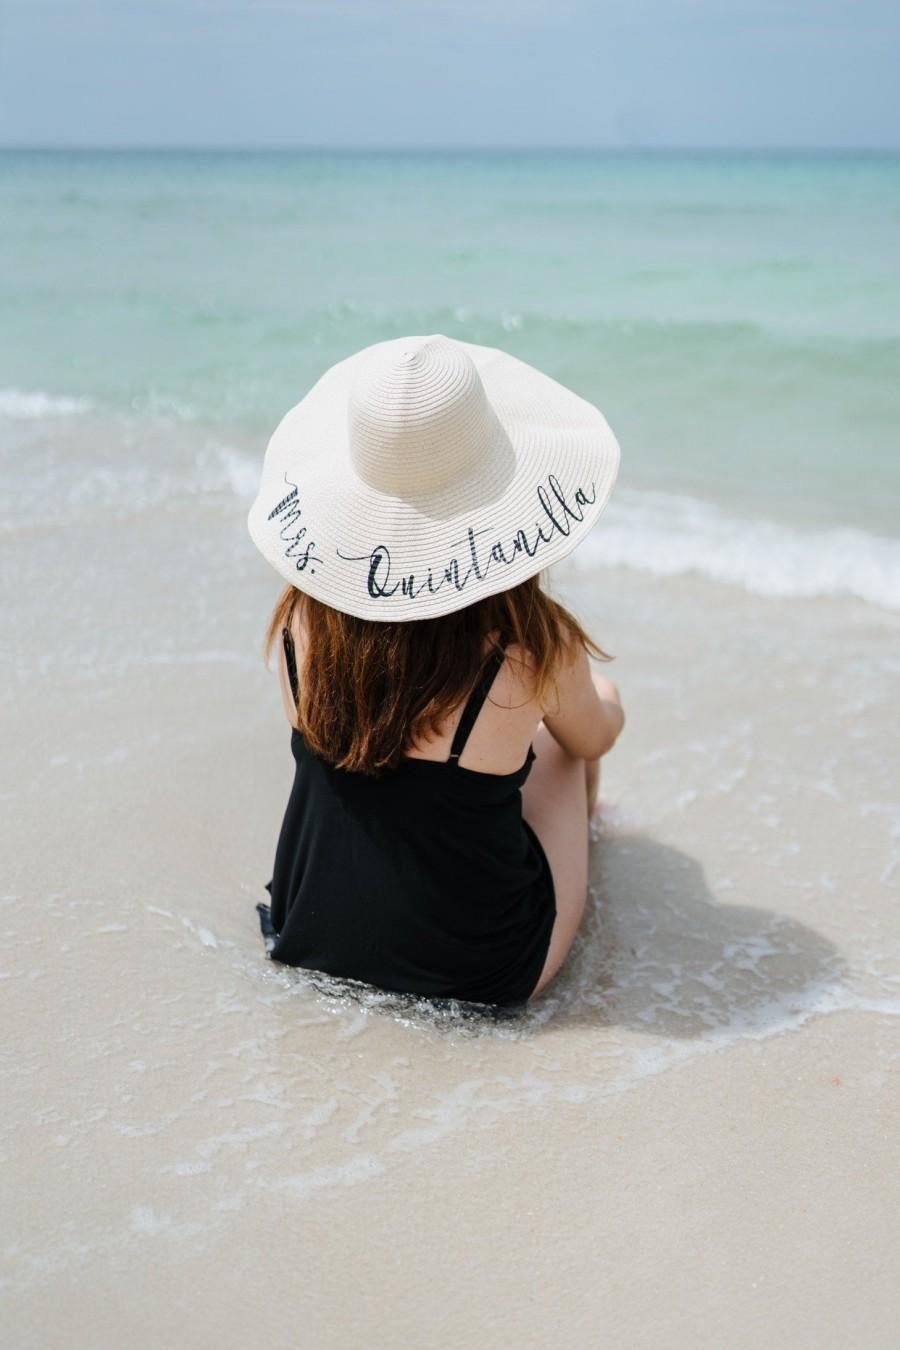 Свадьба - Personalized Honeymoon Floppy Beach Hat - Personalized Beach Hat - Personalized Floppy Beach Hat - Personalized Floppy Hat - Mrs. Beach Hat